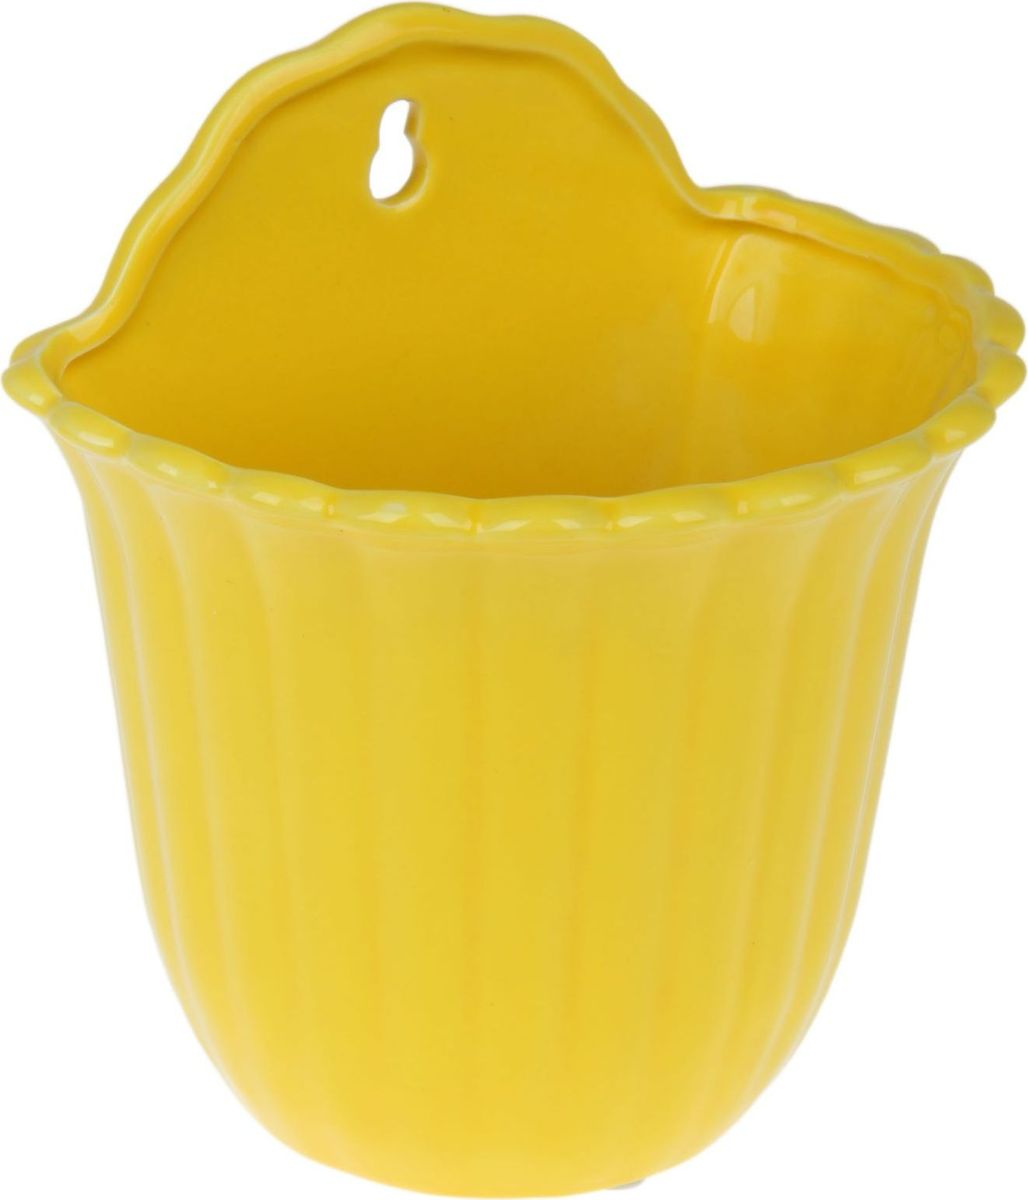 Кашпо Константа, цвет: желтый, 16 х 12 х 19 см1258937Большинство людей любит комнатные растения: они радуют глаз, насыщают помещение кислородом и украшают пространство. Но каждому растению необходимо своё удобное и красивое место. Настенные кашпо — это ещё и оригинальный способ украшения помещений. Особенно выигрышно они смотрятся в экстерьере: на террасах и в беседках. Кашпо настенное Константа жёлтое, изогнутый край позаботится о растении, освежит окружающее пространство и подчеркнёт его стиль.